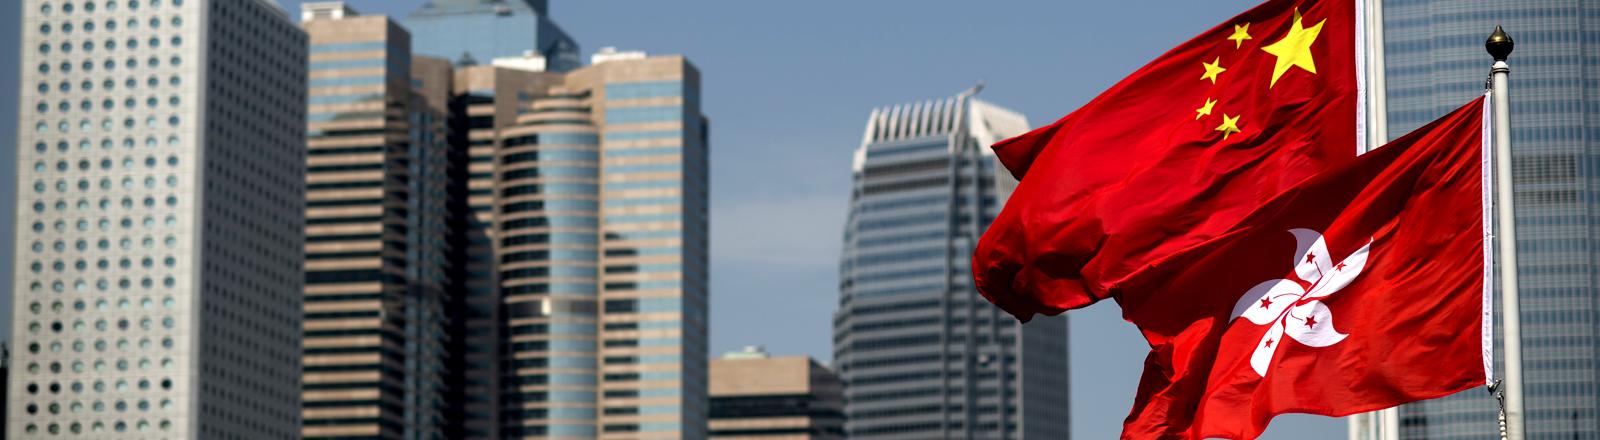 Die Flaggen von Hongkong und China vor einer Landschaft aus Hochhäusern